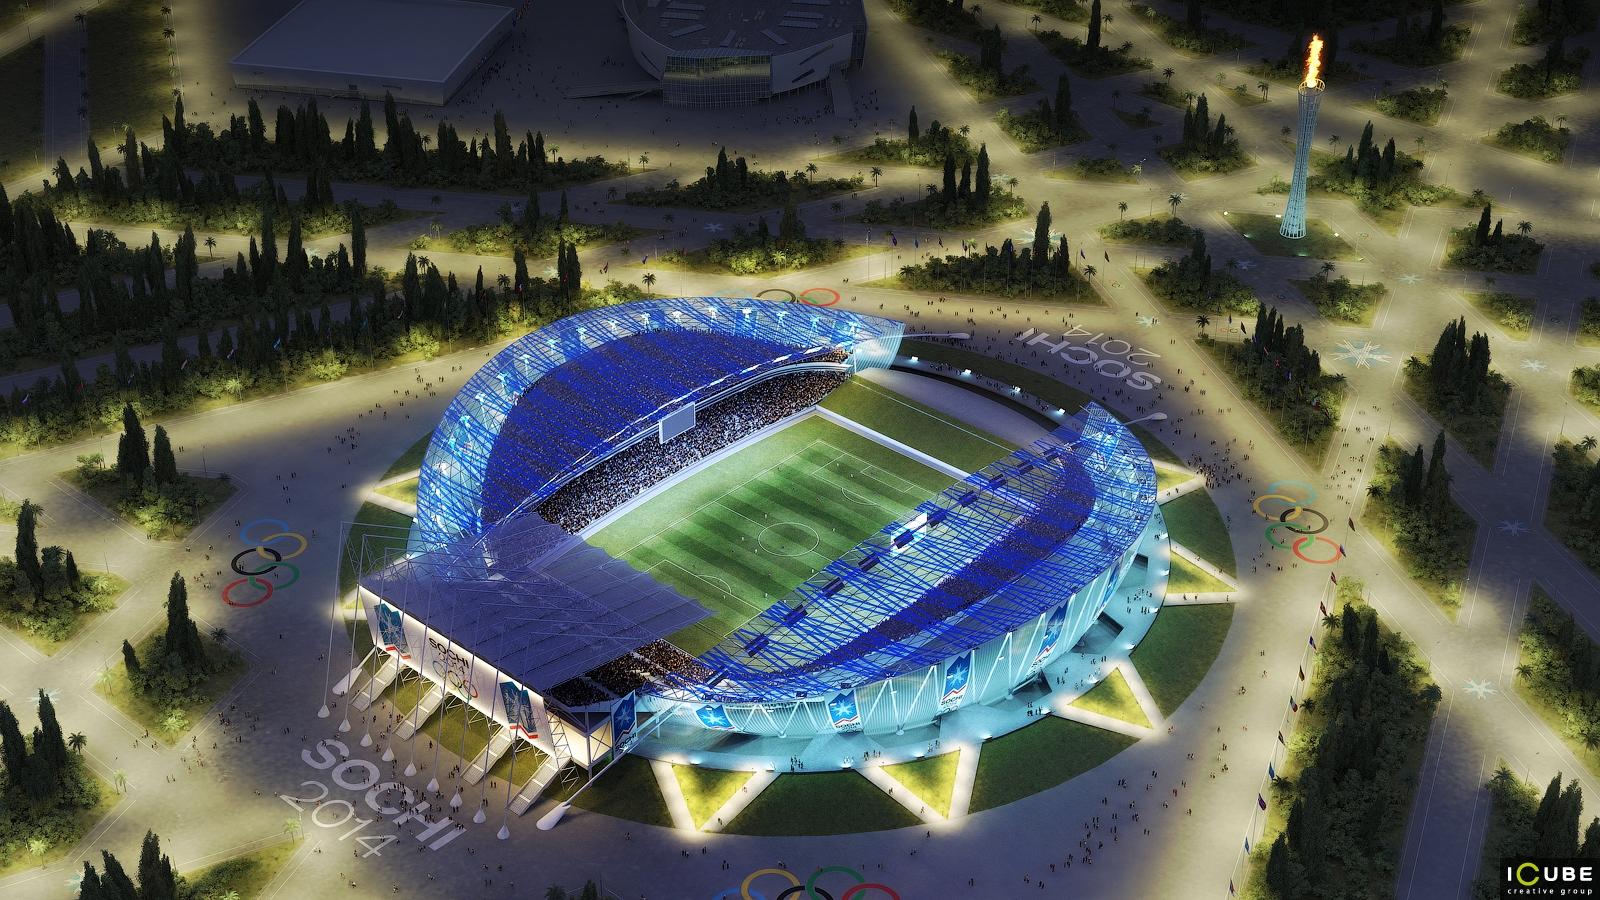 tsentralnyij_olimpijskij_stadion_sochi_21412494843527